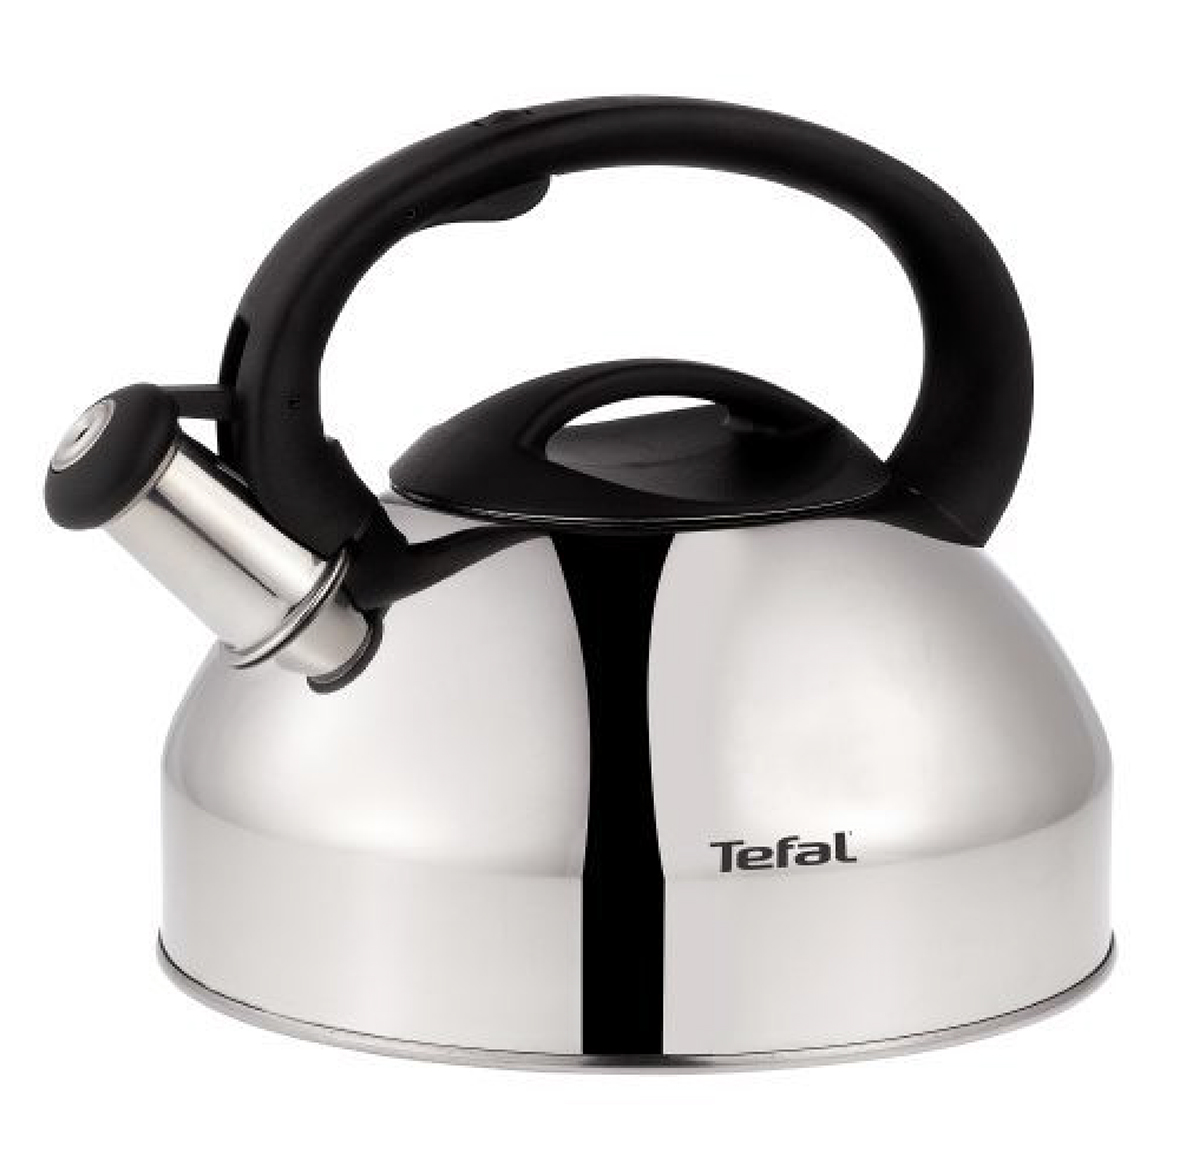 Чайник Tefal, со свистком, 3 л. C7922024C7922024Чайник Tefal изготовлен из шлифованной нержавеющей стали. Фиксированная ручка эргономичной формы изготовлена из бакелита. Носик чайника оснащен откидным свистком, звуковой сигнал которого подскажет, когда закипит вода. Свисток открывается/закрывается с помощью рычага на ручке чайника.Чайник Tefal - качественное исполнение и стильное решение для вашей кухни.Чайник подходит для всех типов плит, кроме индукционных.